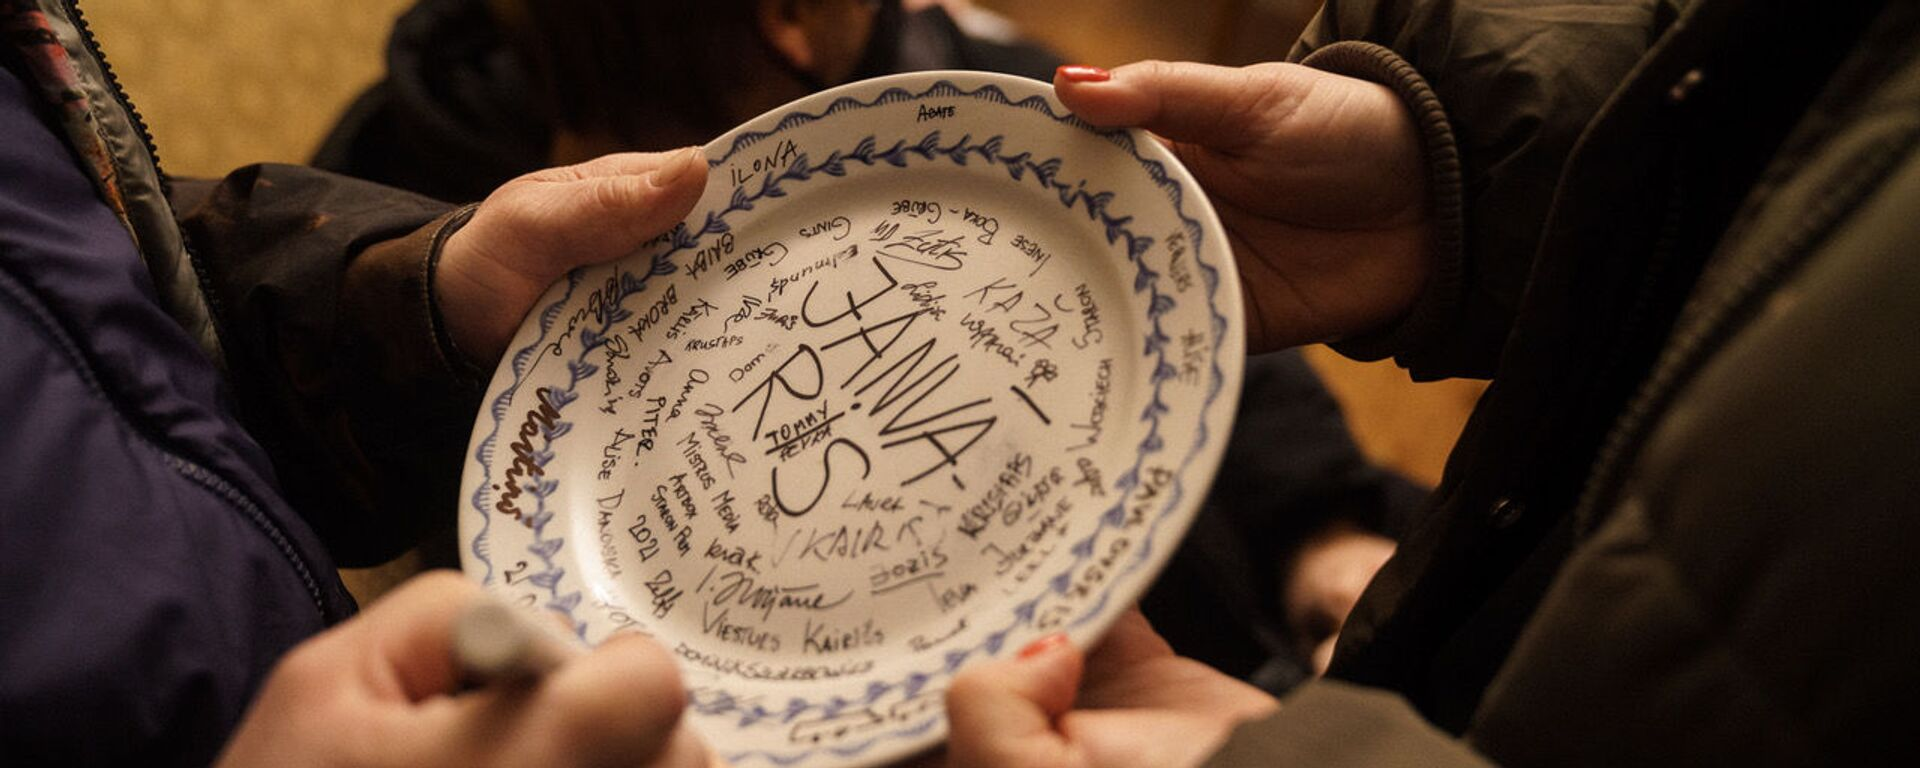 Перед съемками на счастье традиционно разбили тарелку с названием фильма и подписями задействованных в нем - Sputnik Латвия, 1920, 31.01.2021